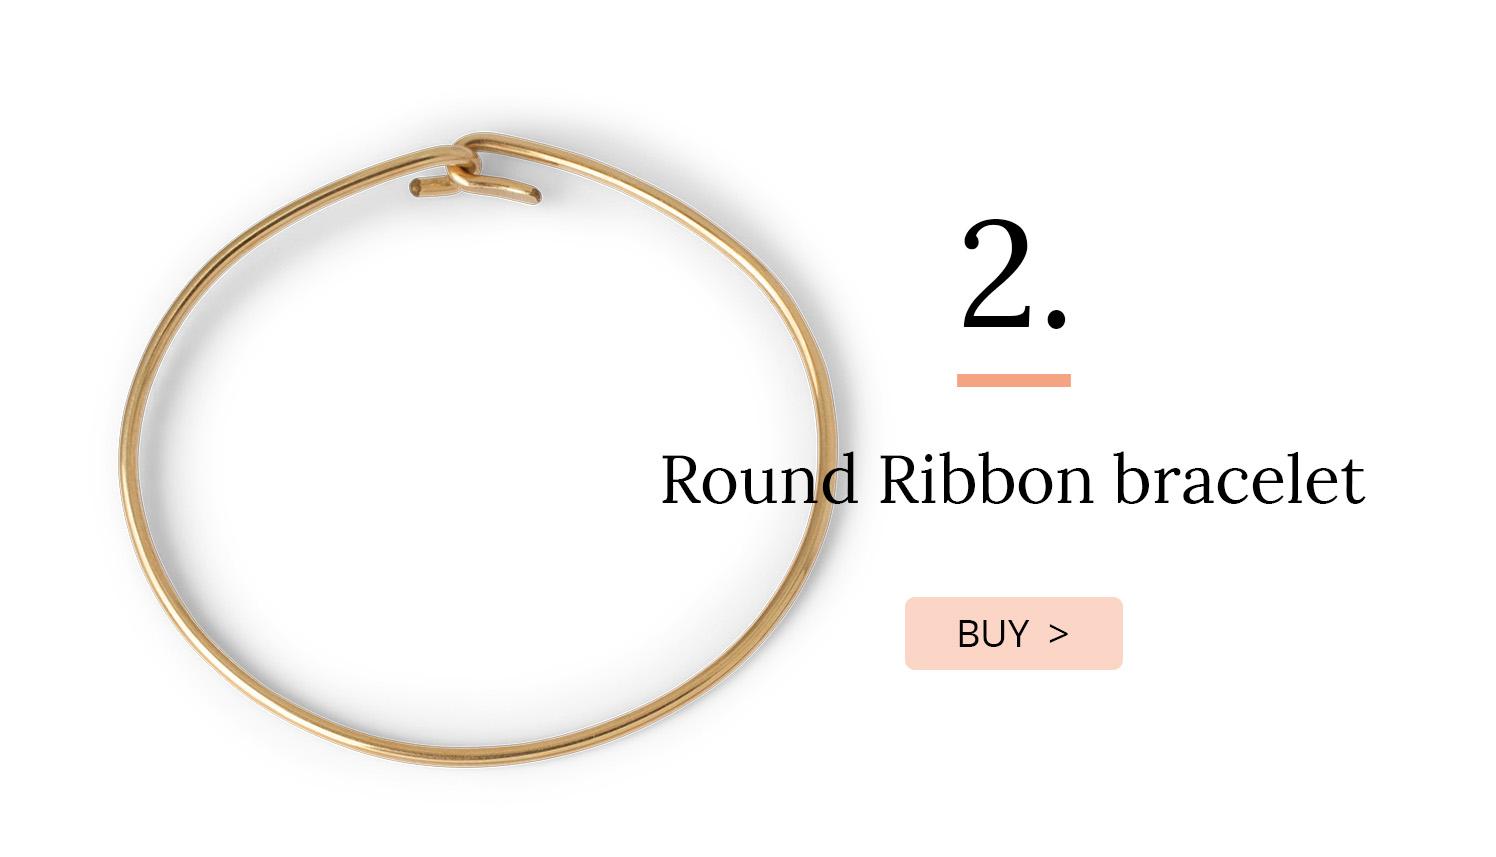 Round Ribbon bracelet